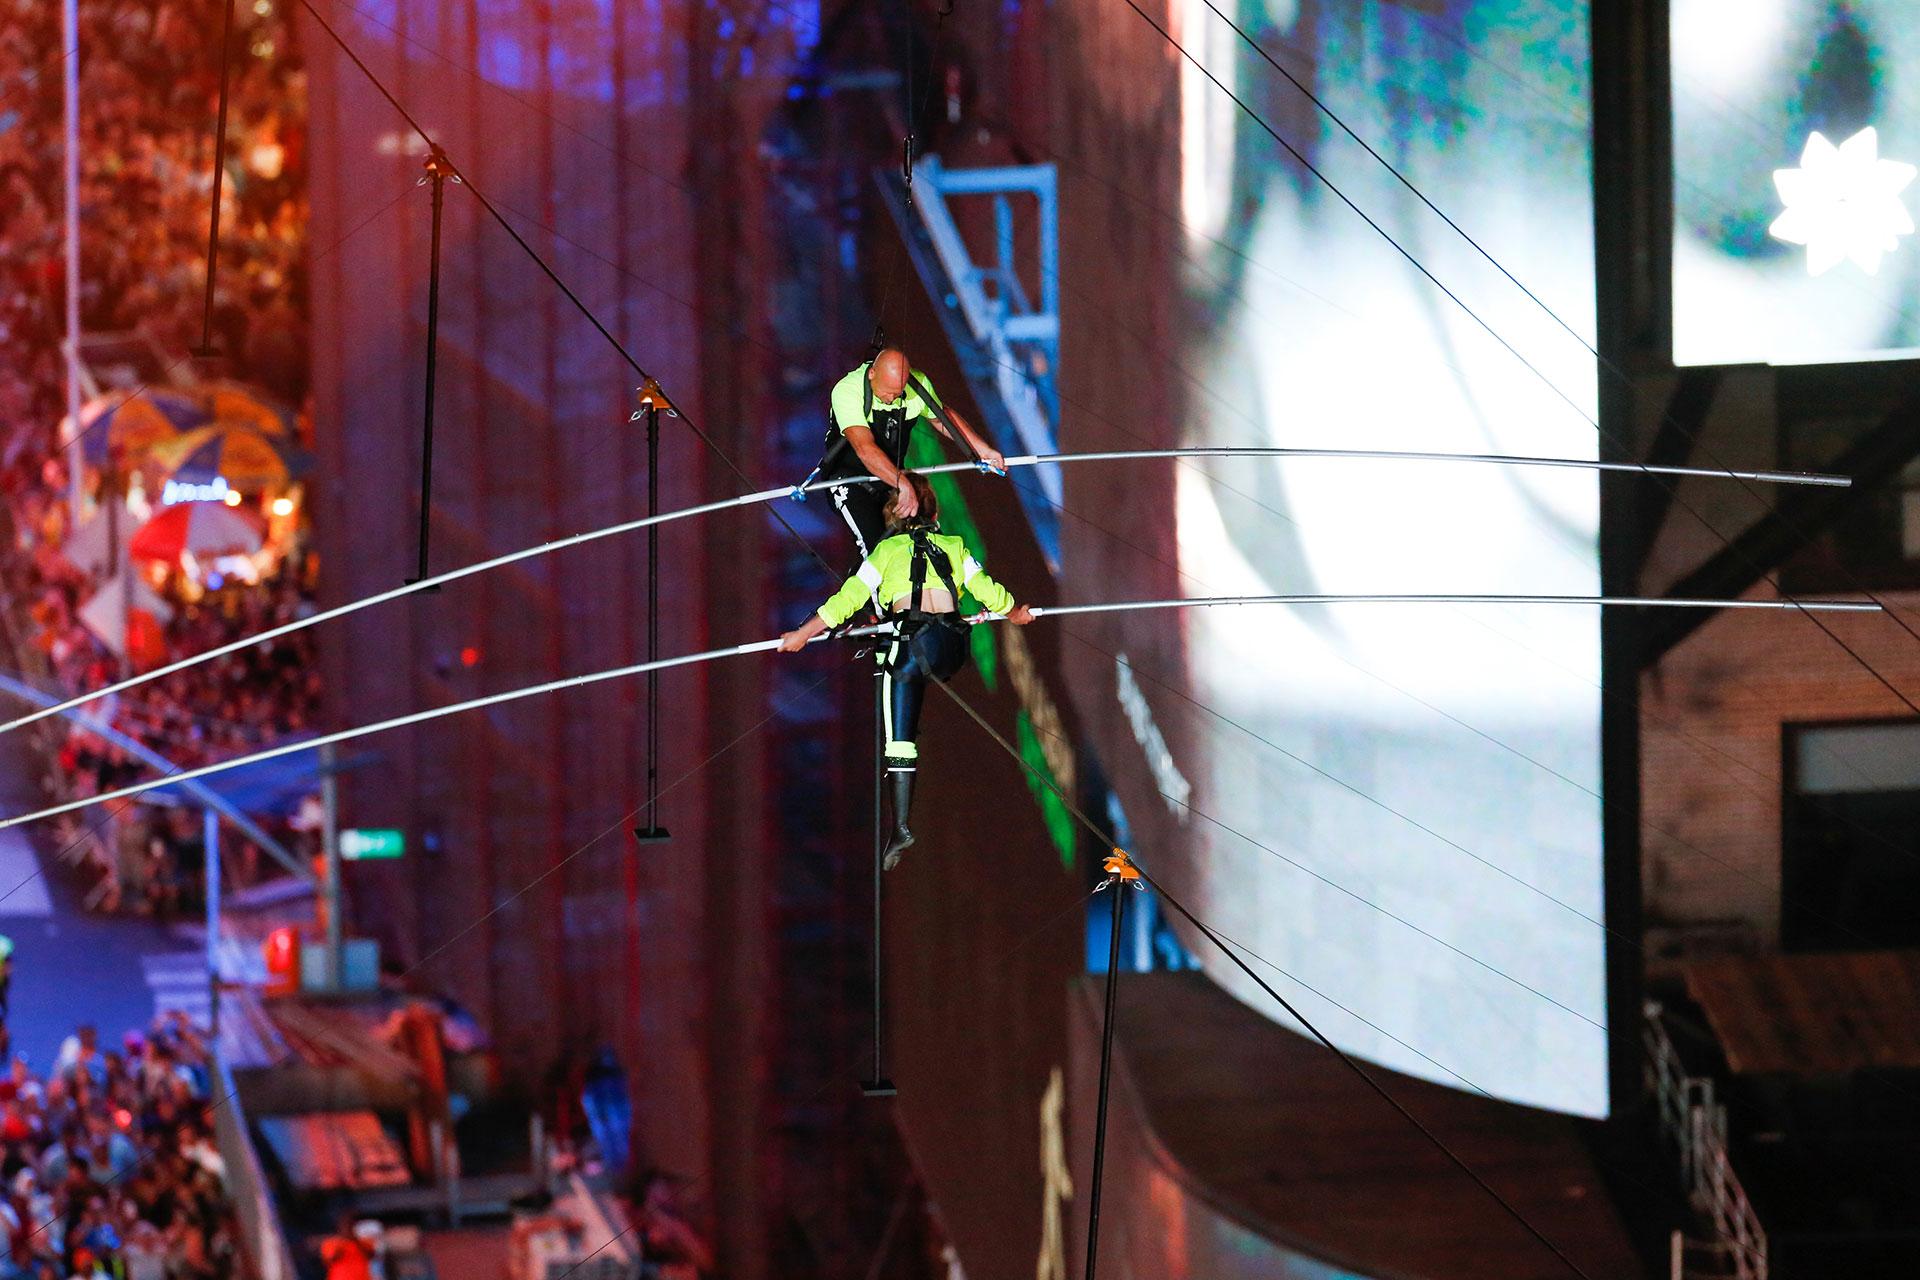 Nik caminó por encima de su hermana cuando se encontraron a mitad de camino en un cable suspendido a 25 pisos de altura en Nueva York.